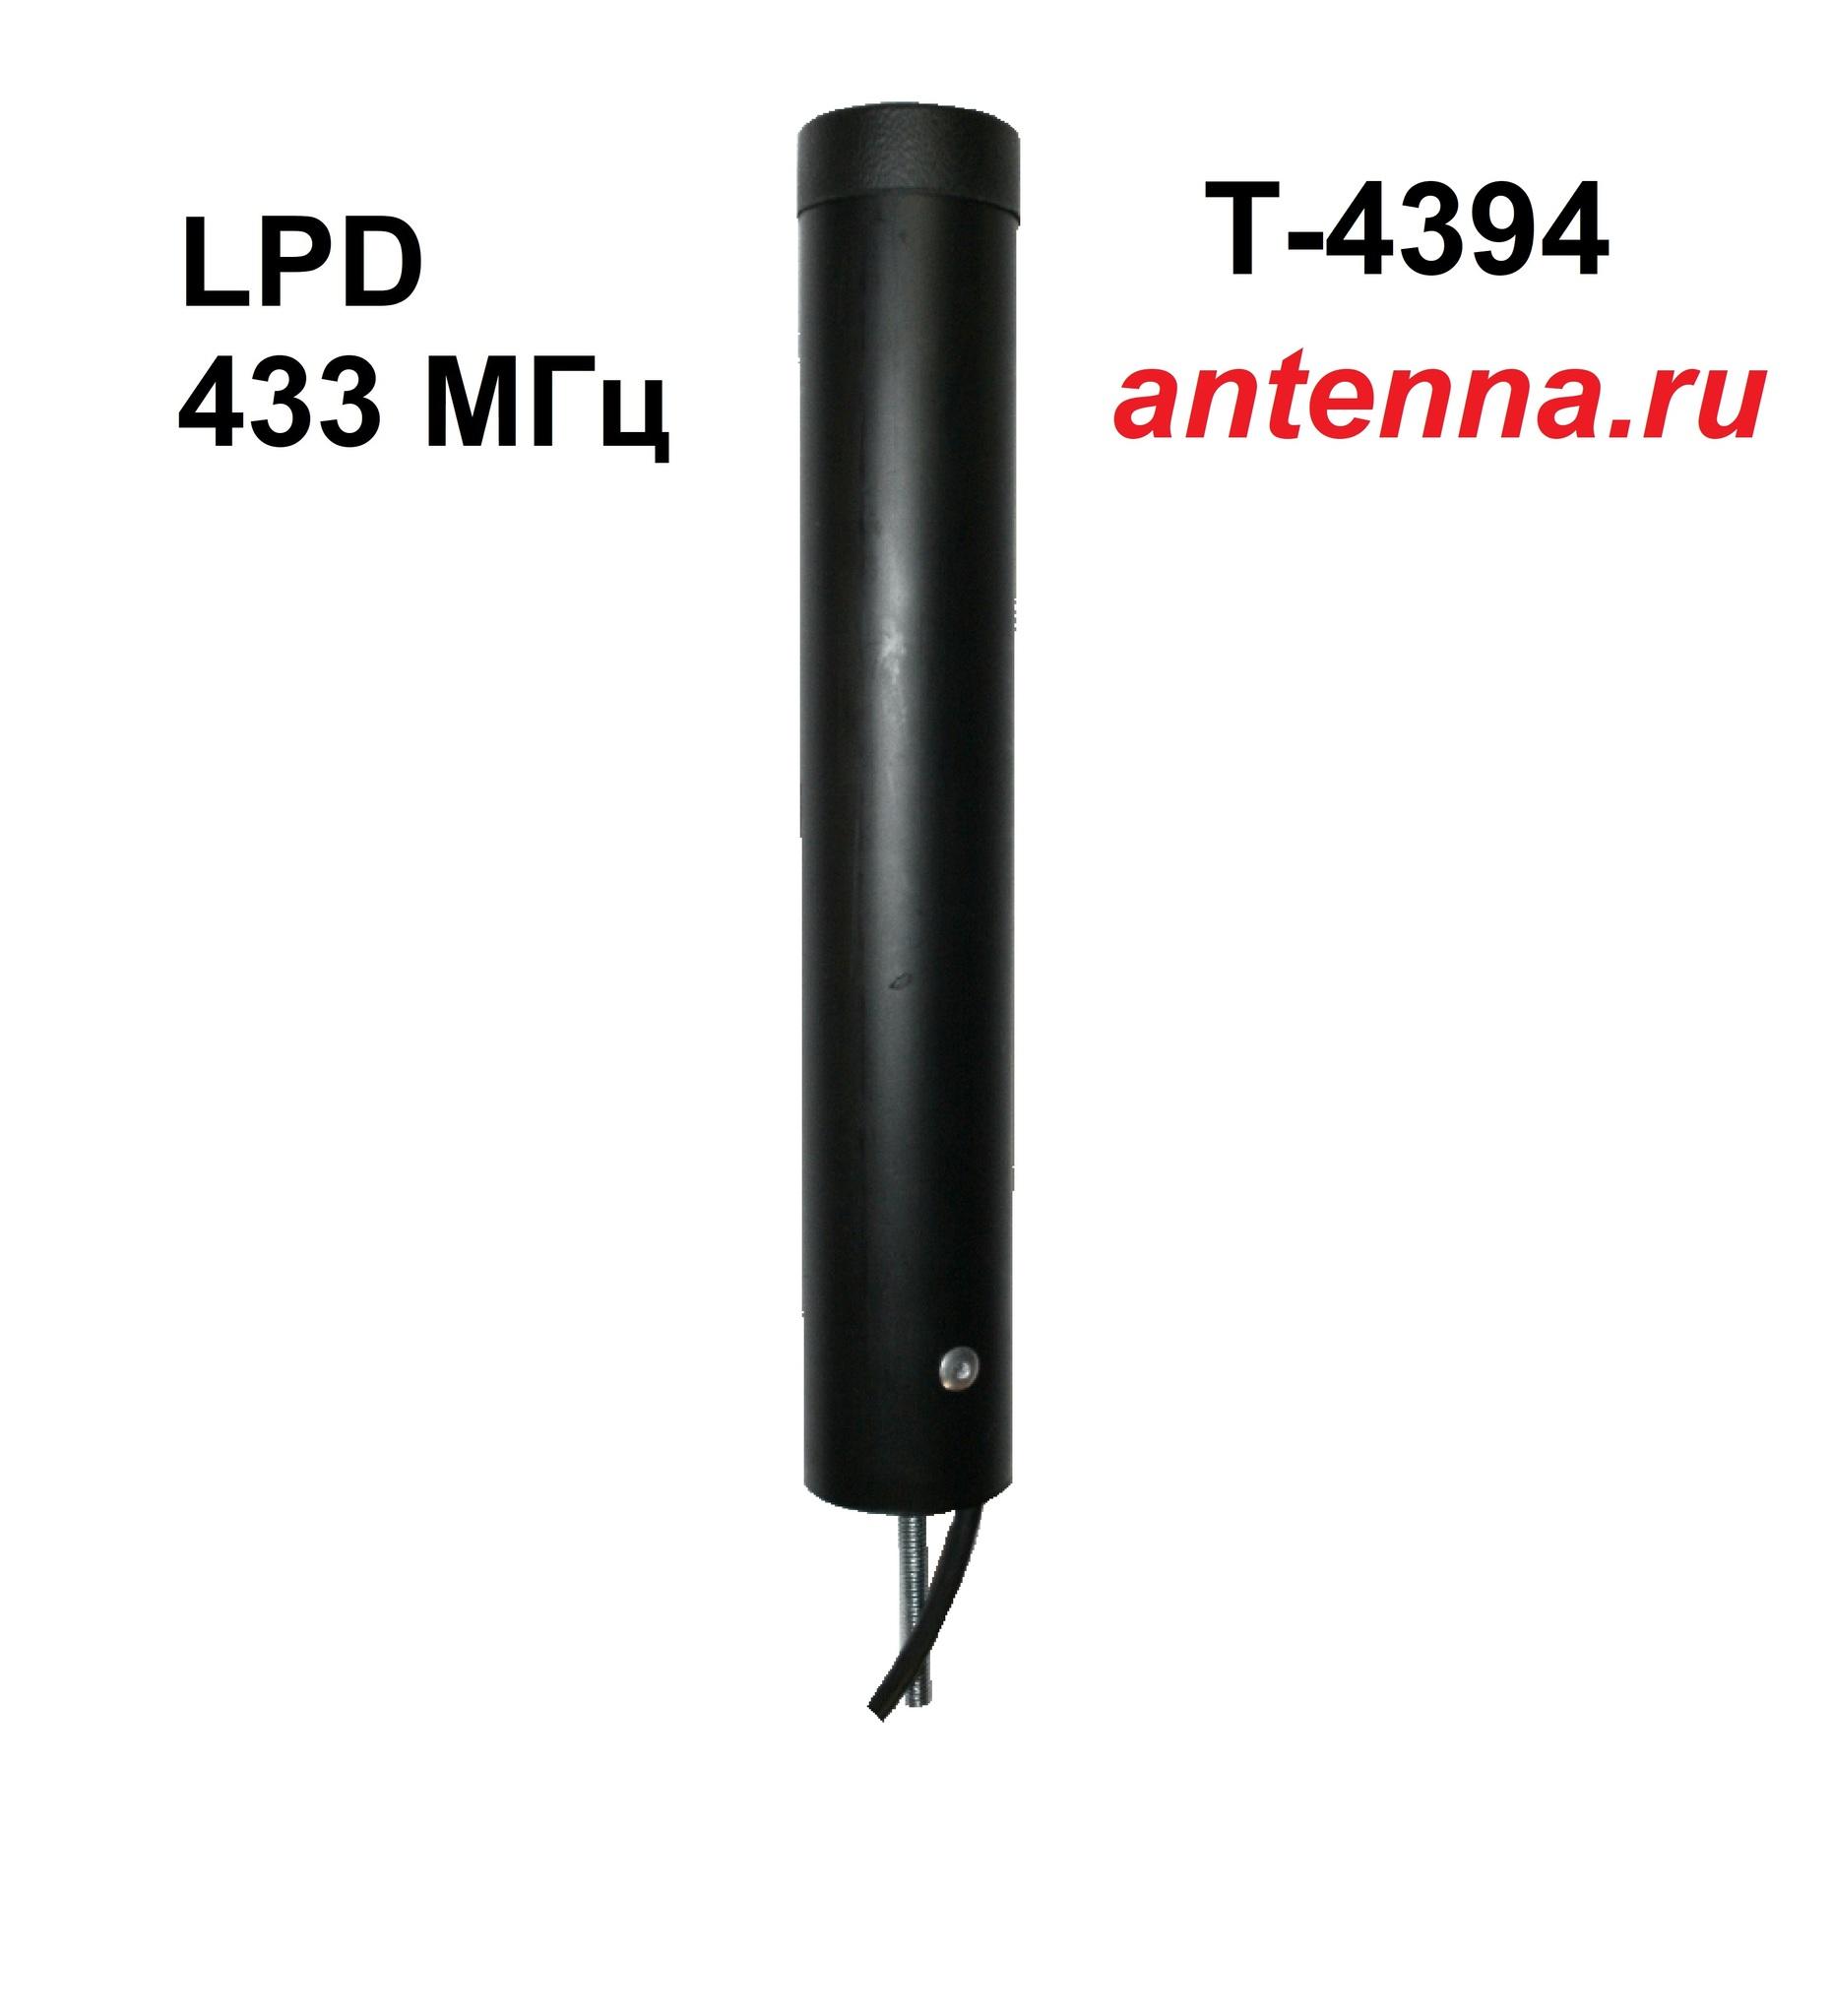 МА-4394 SOTA/antenna.ru. Антенна LPD 433 МГц мощная круговая врезная малогабаритная